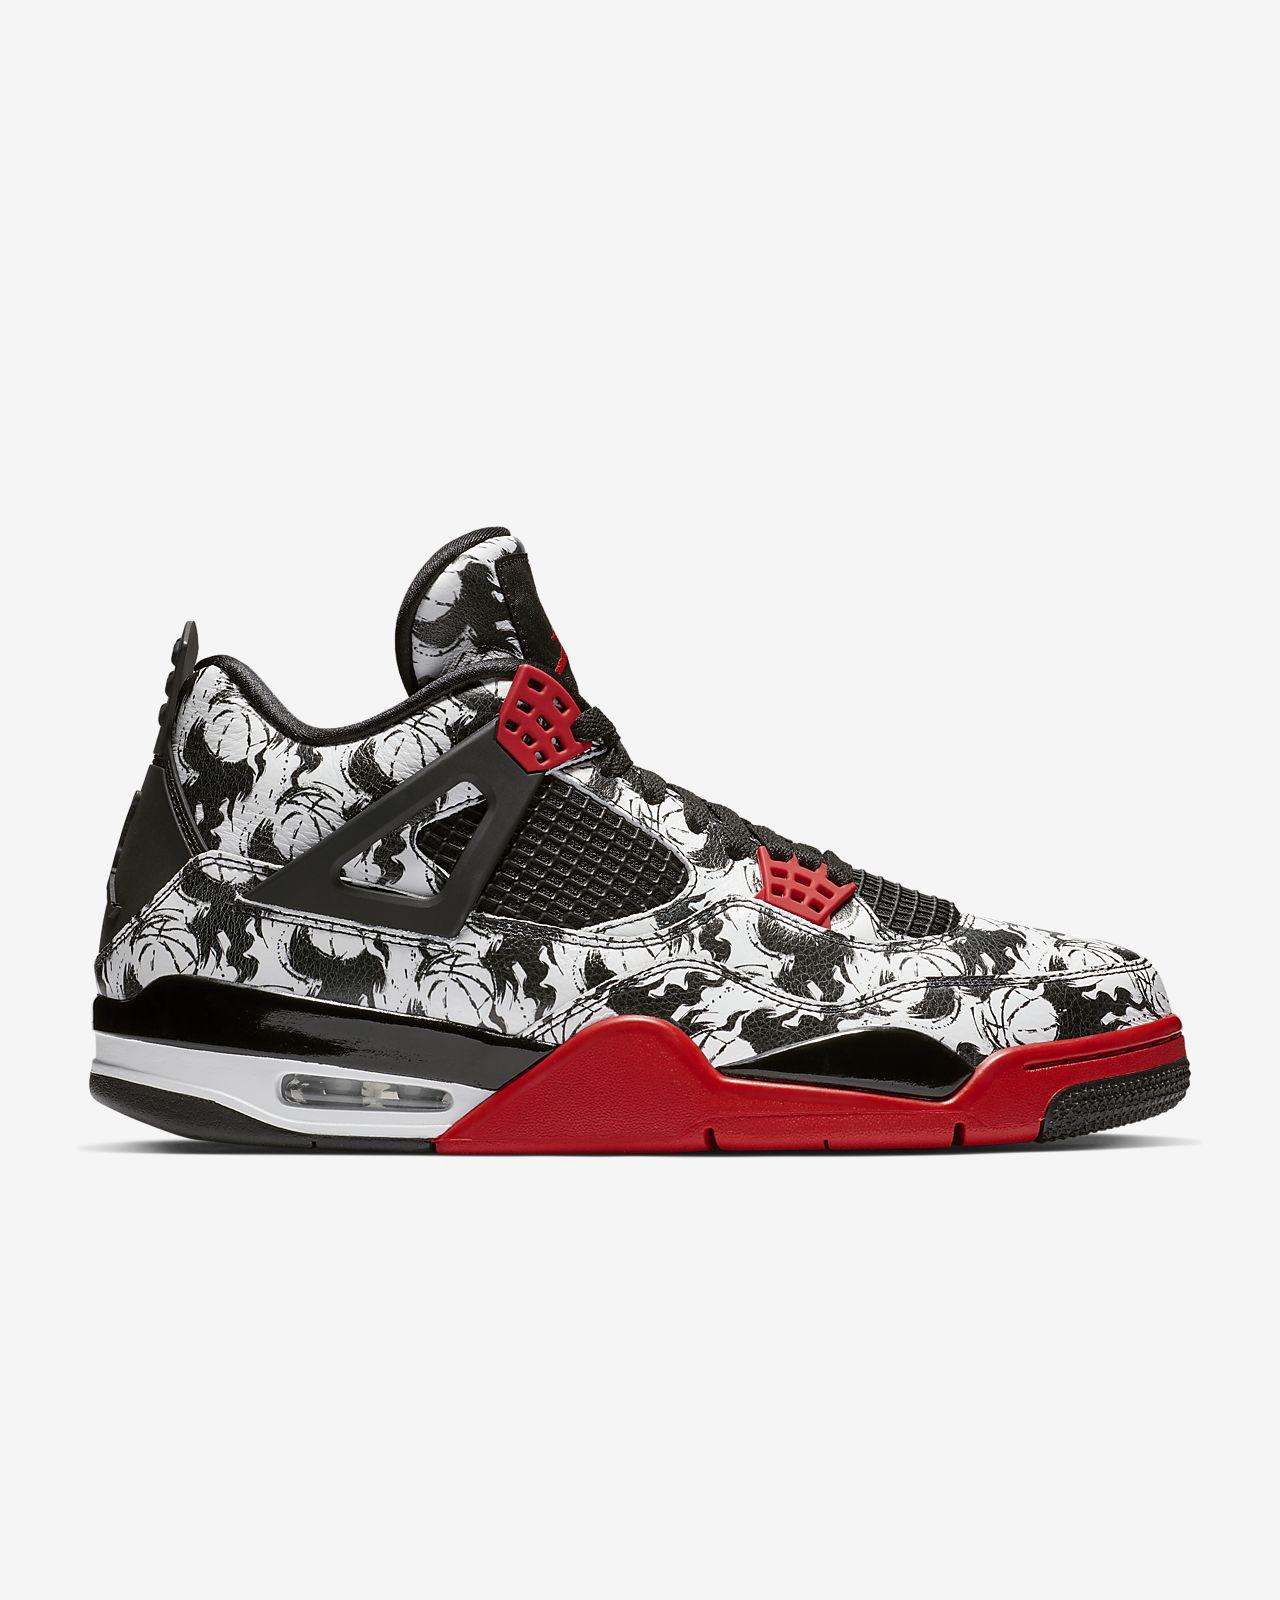 best sneakers 02c33 8212a ... Air Jordan 4 Retro Singles Day Men s Shoe